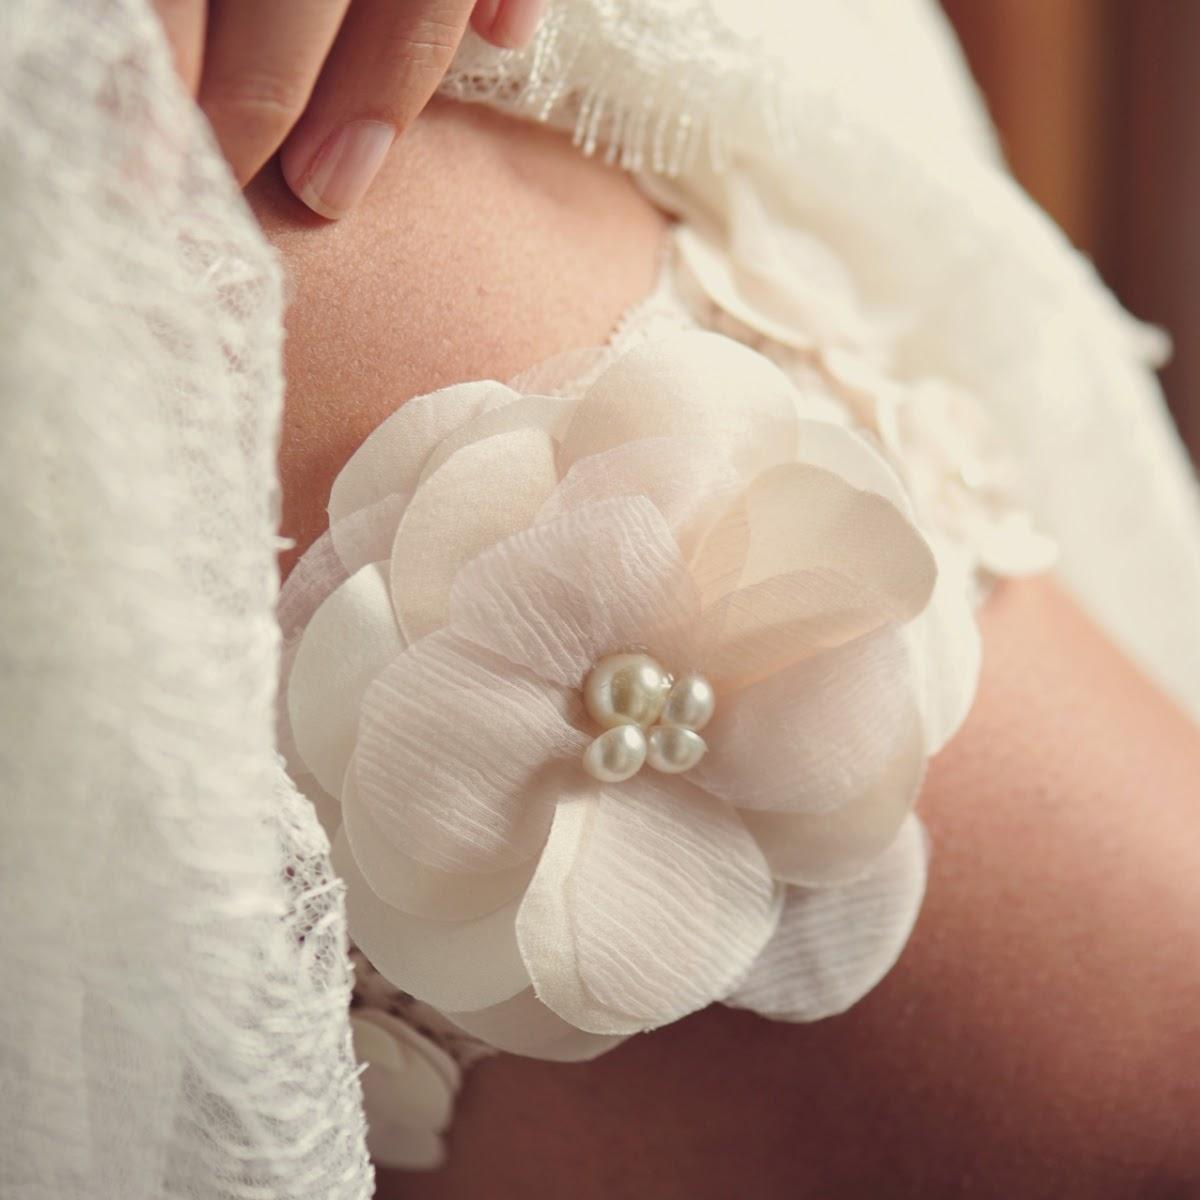 06d19d6c2 Atelier Mercedes Alzueta  Tradição da cinta-liga para noivas em seu ...